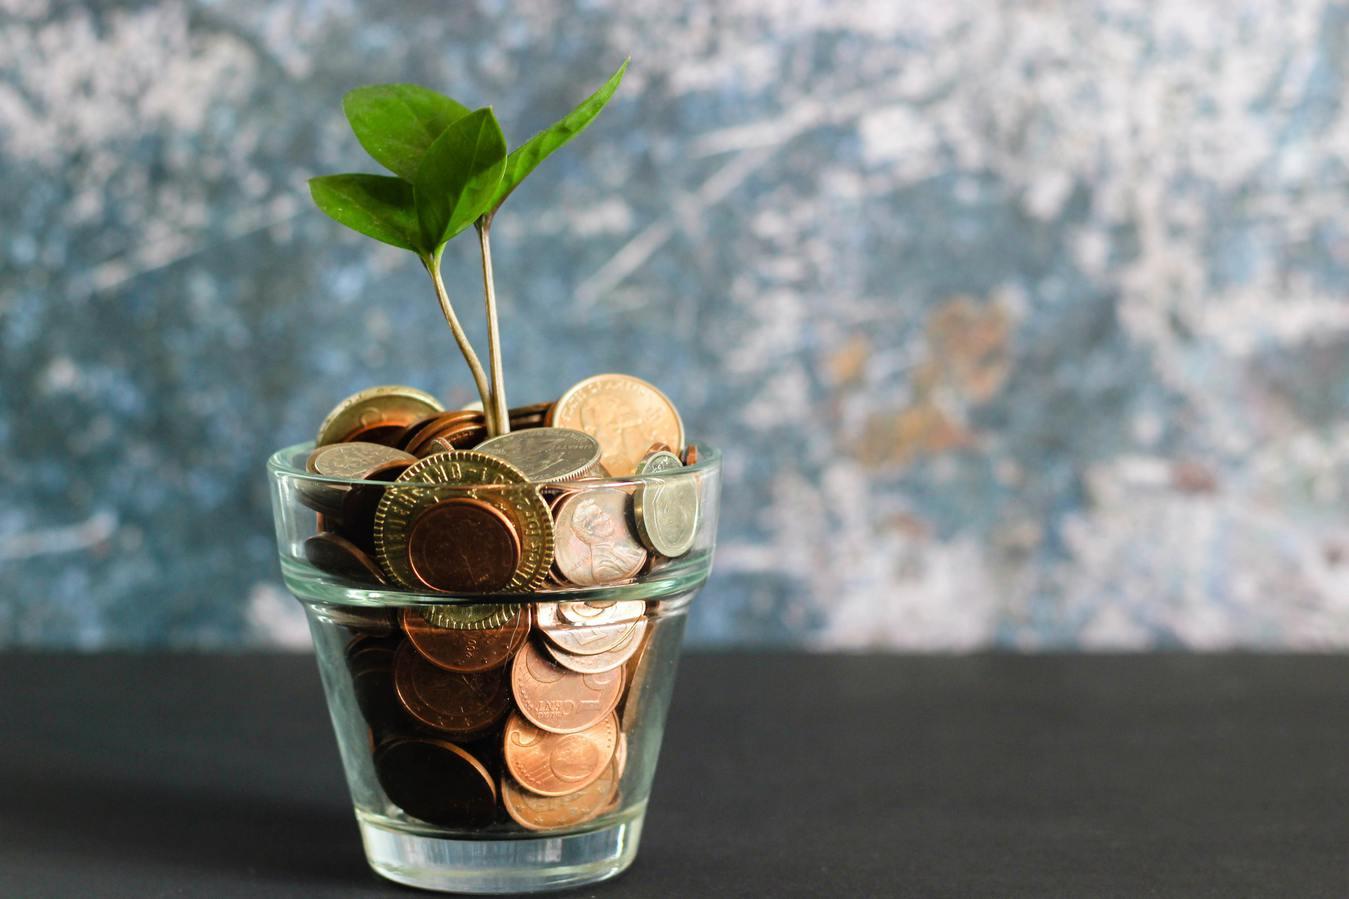 Roślina rosnąca w szklance z pieniędzmi